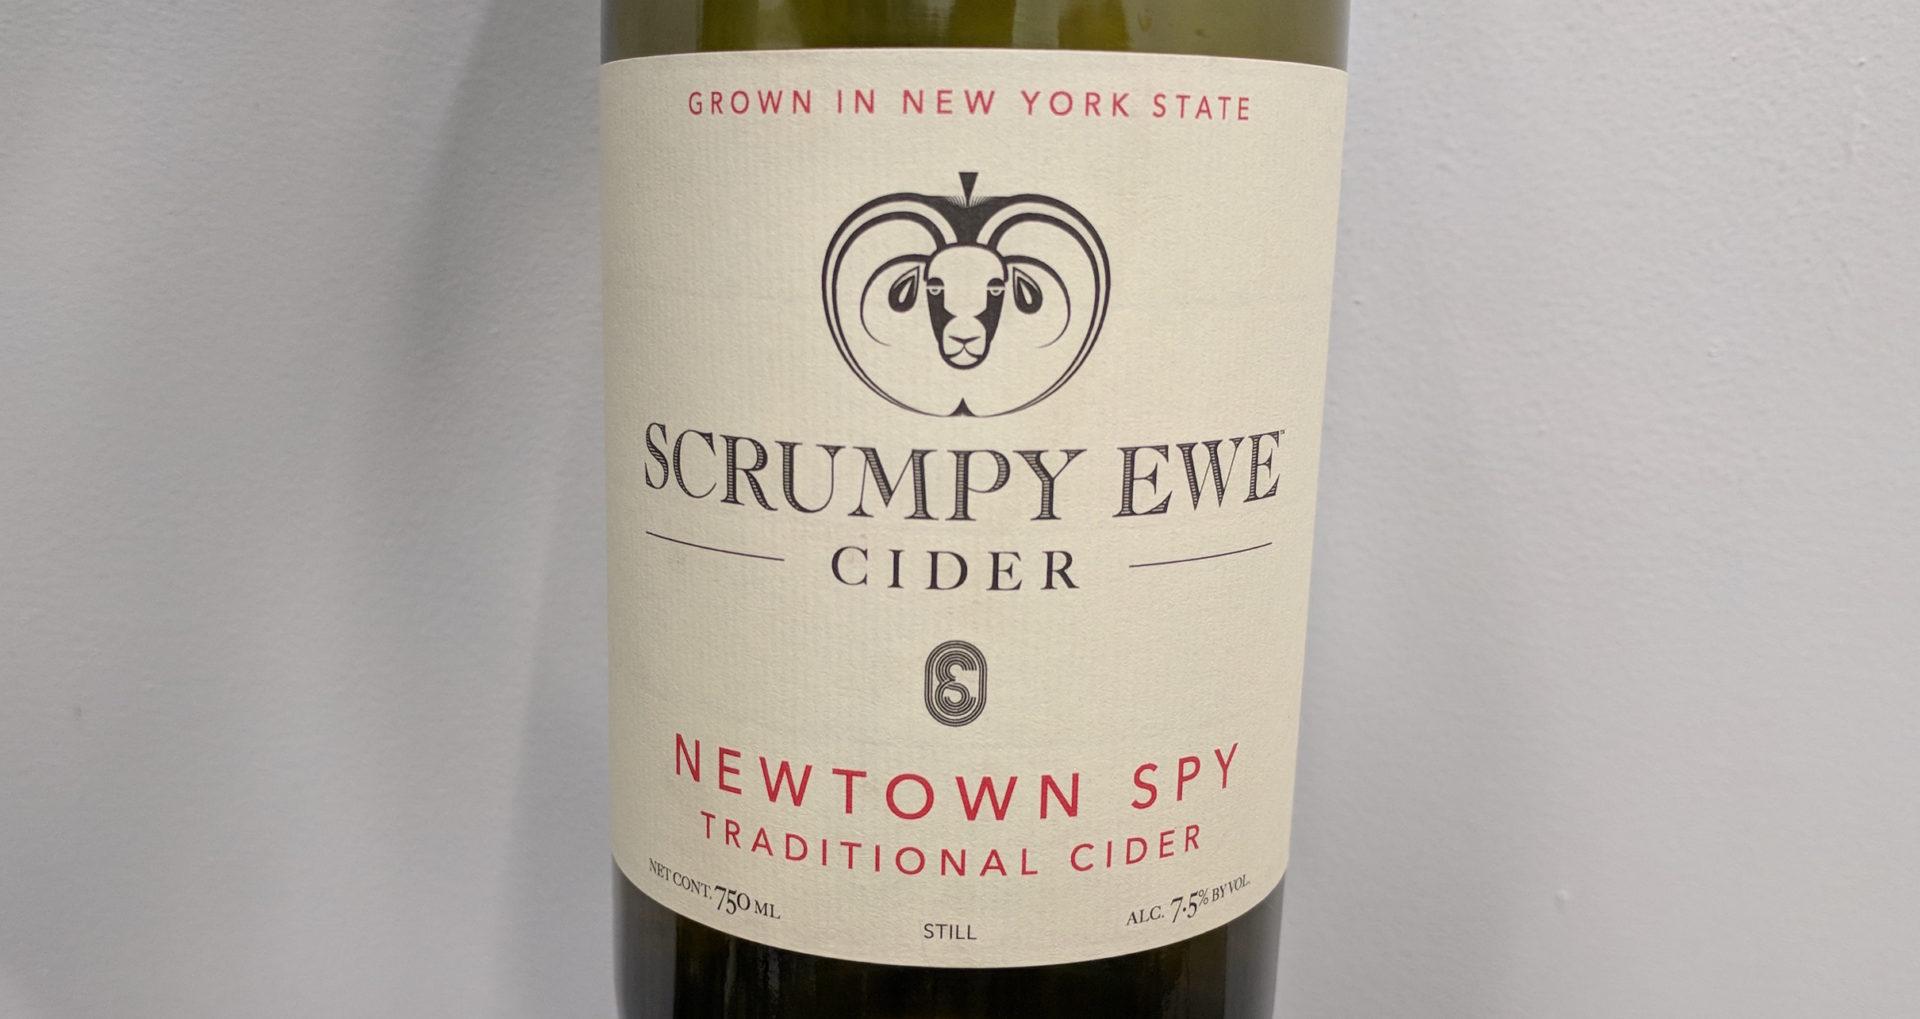 Scrumpy Ewe Cider Newtown Spy